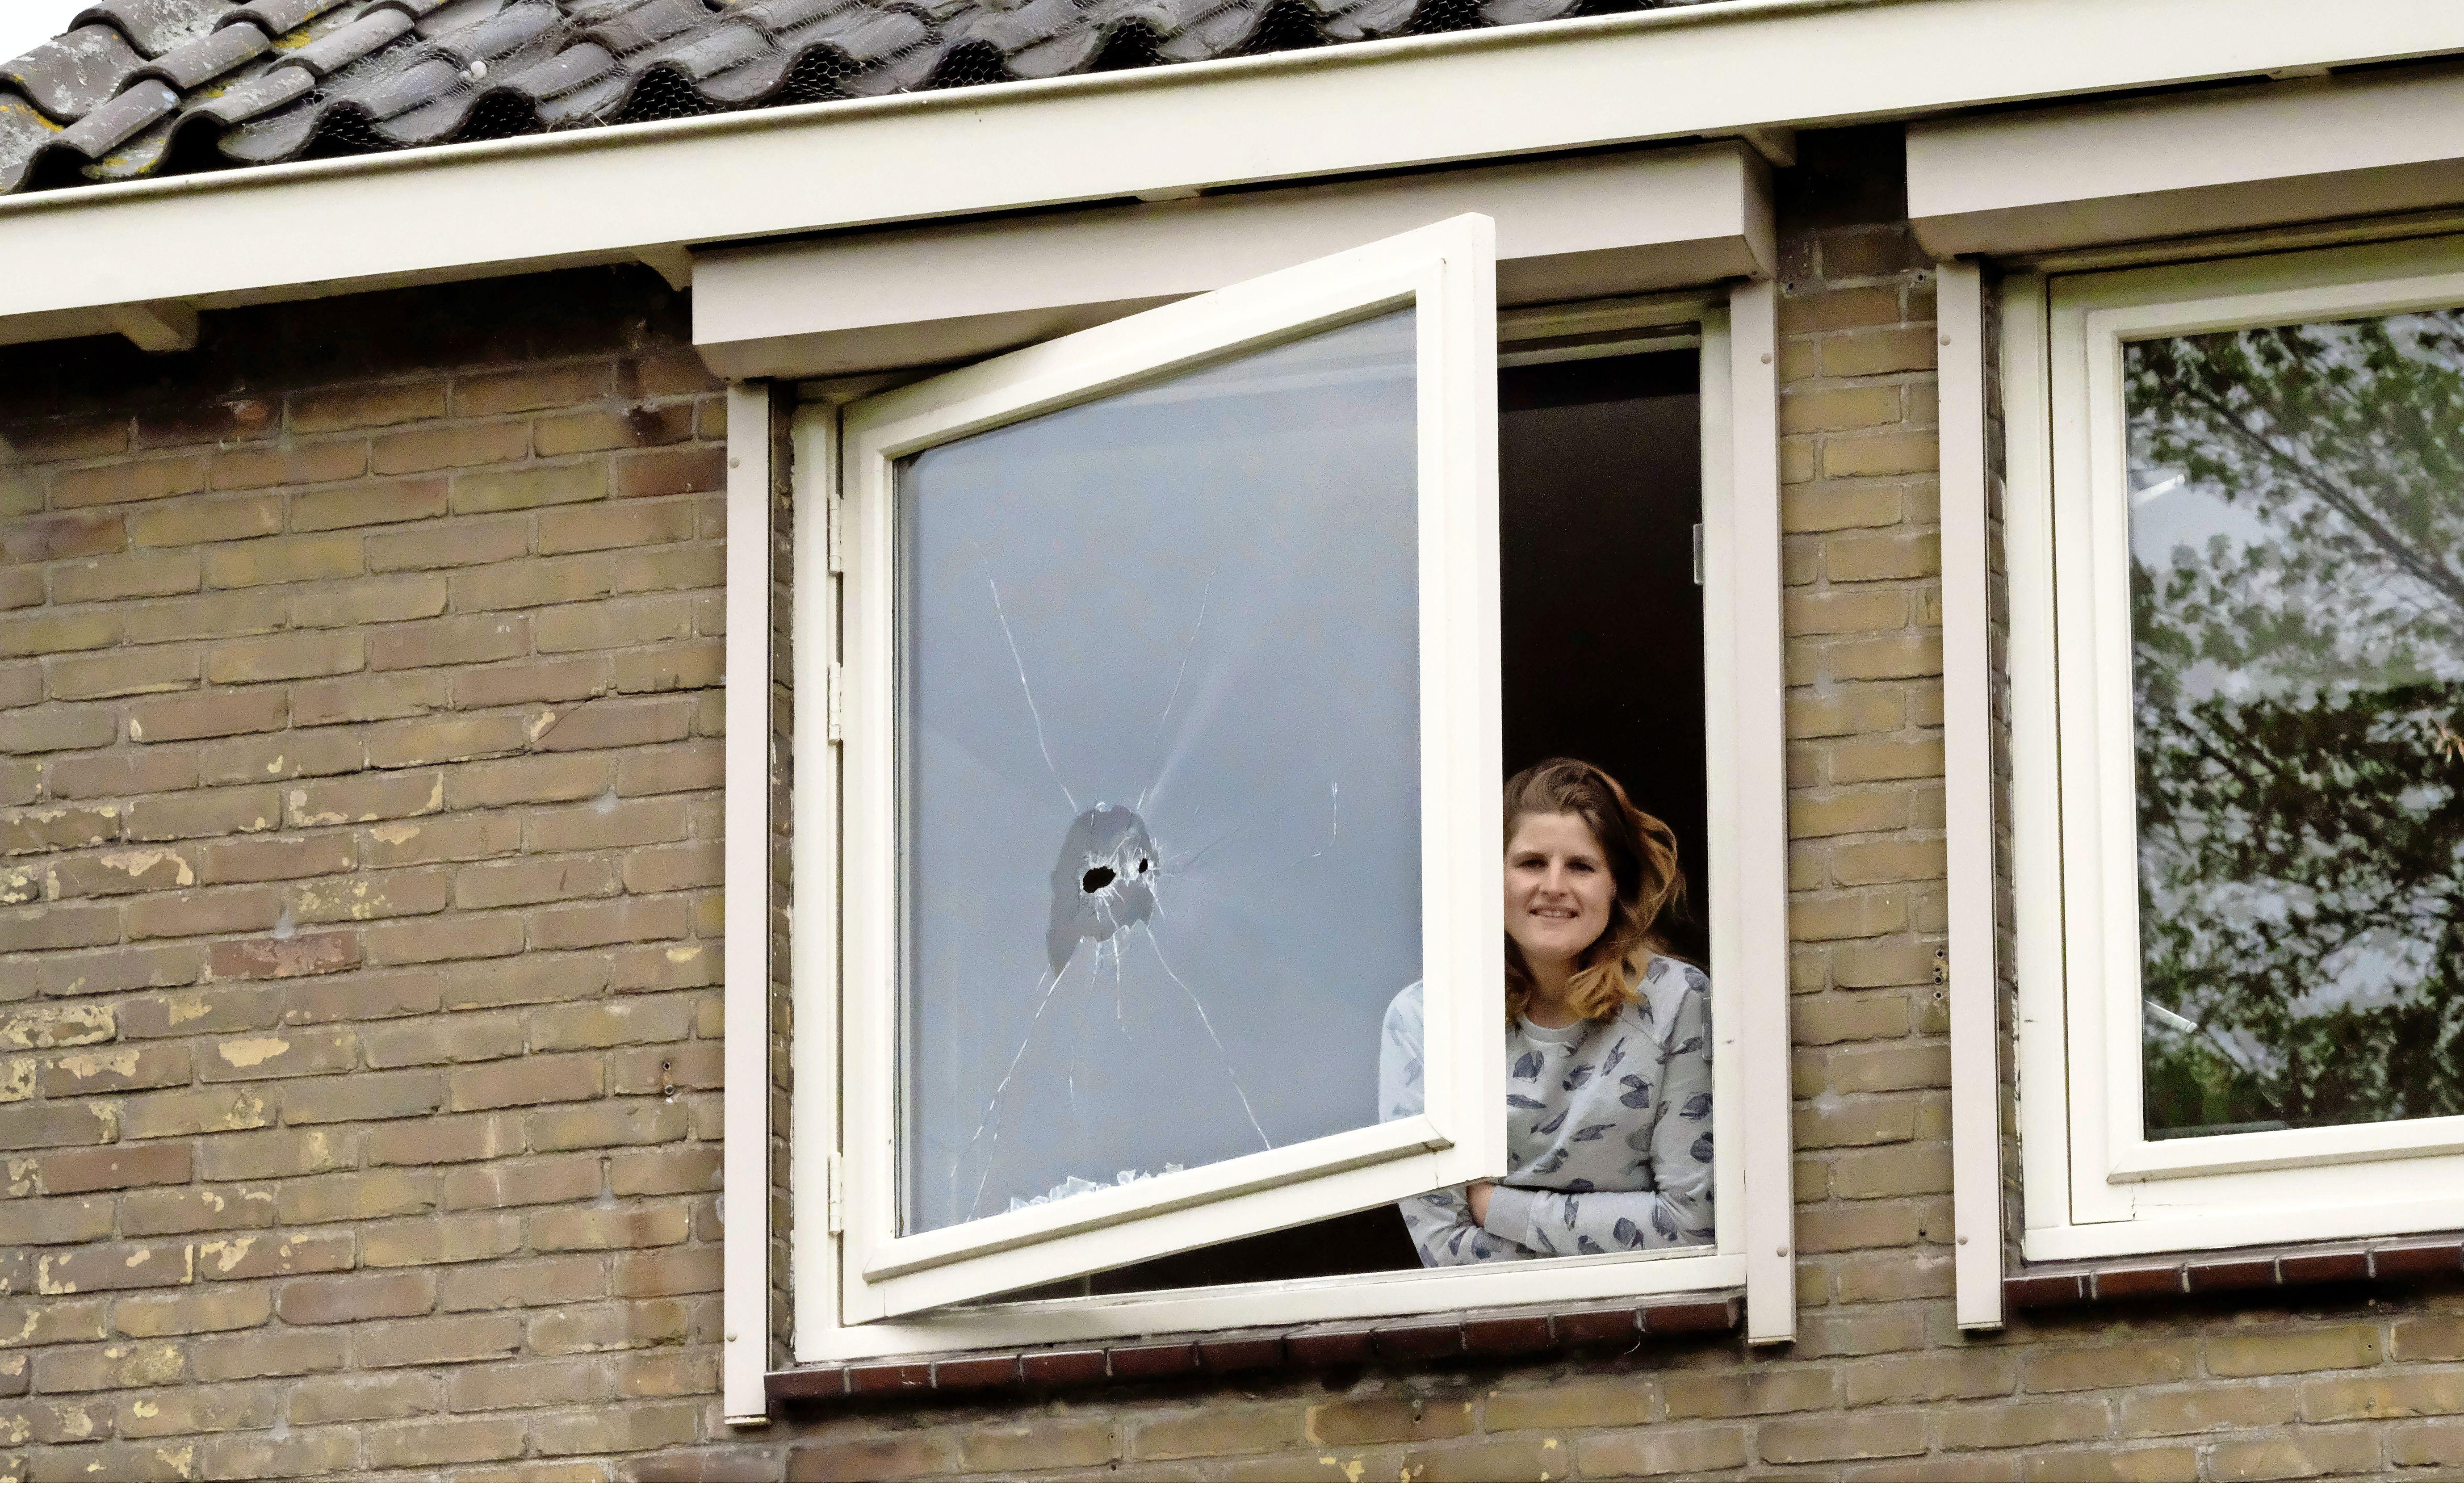 Kogels vlogen bewoners van Broek in Waterland om de oren: 'Arie heeft er eentje in de deur zitten'